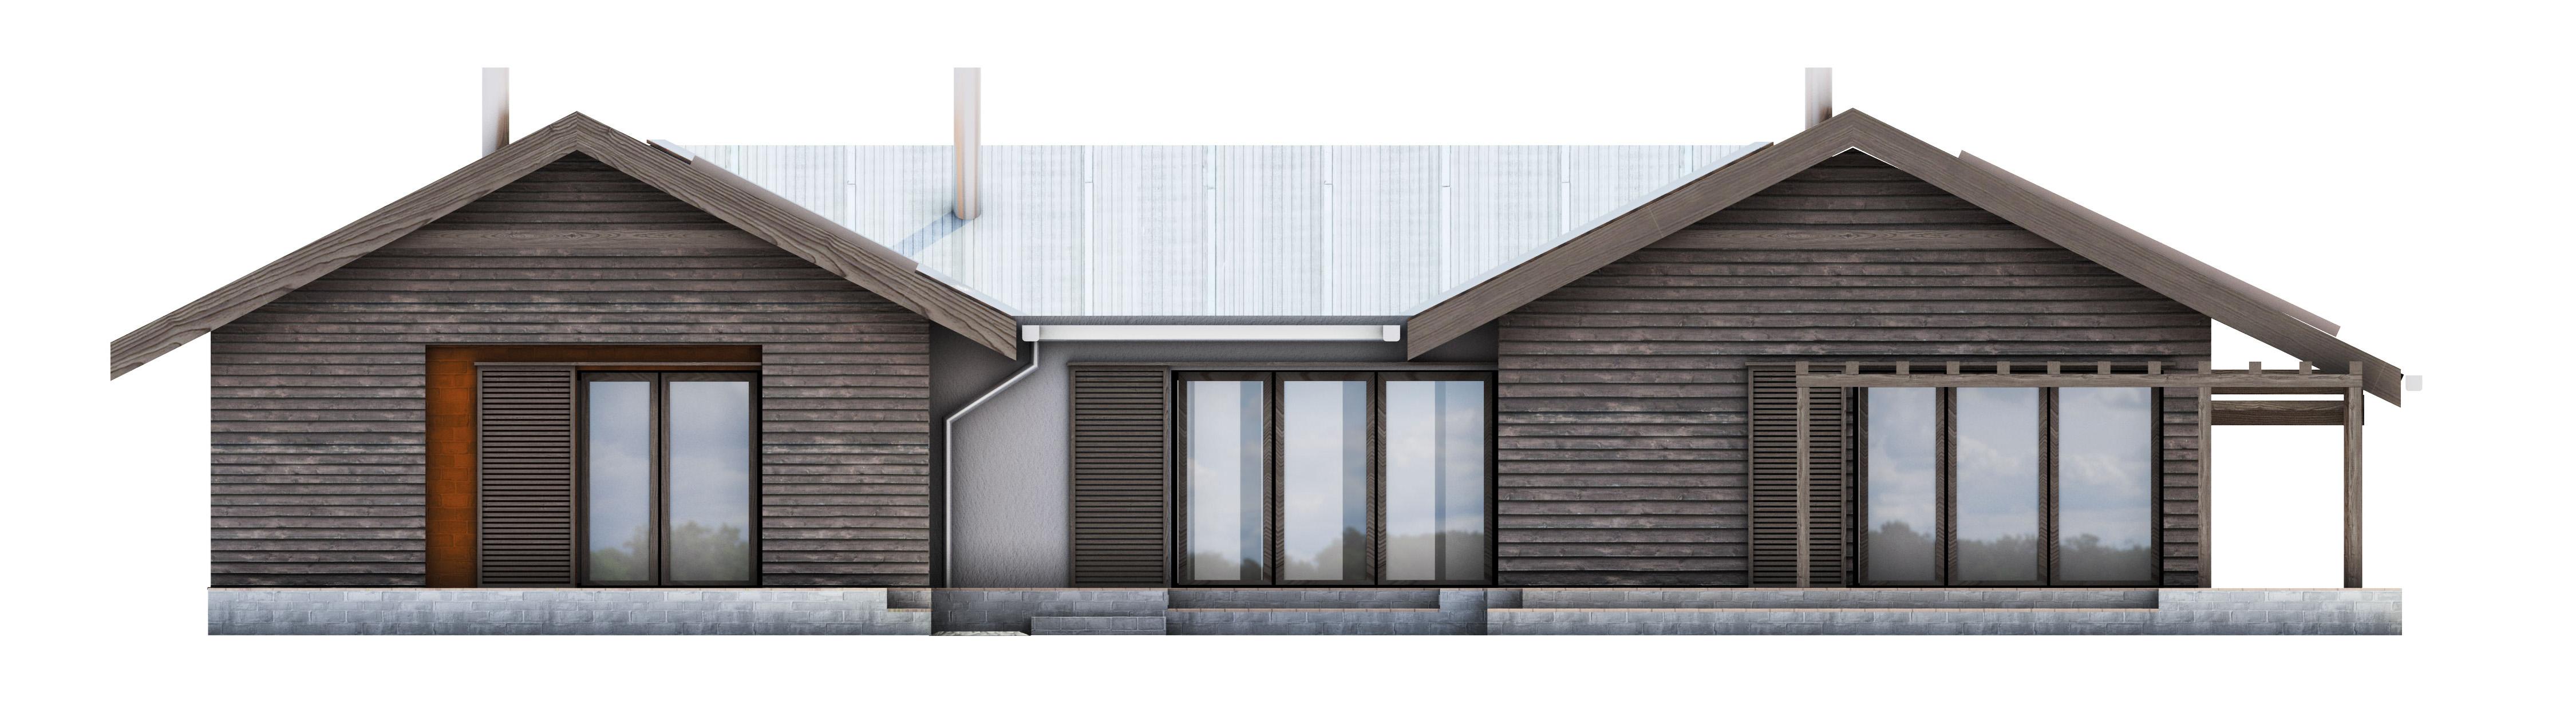 Projekt domu TARASOWY Domy Czystej Energii elewacja tylna